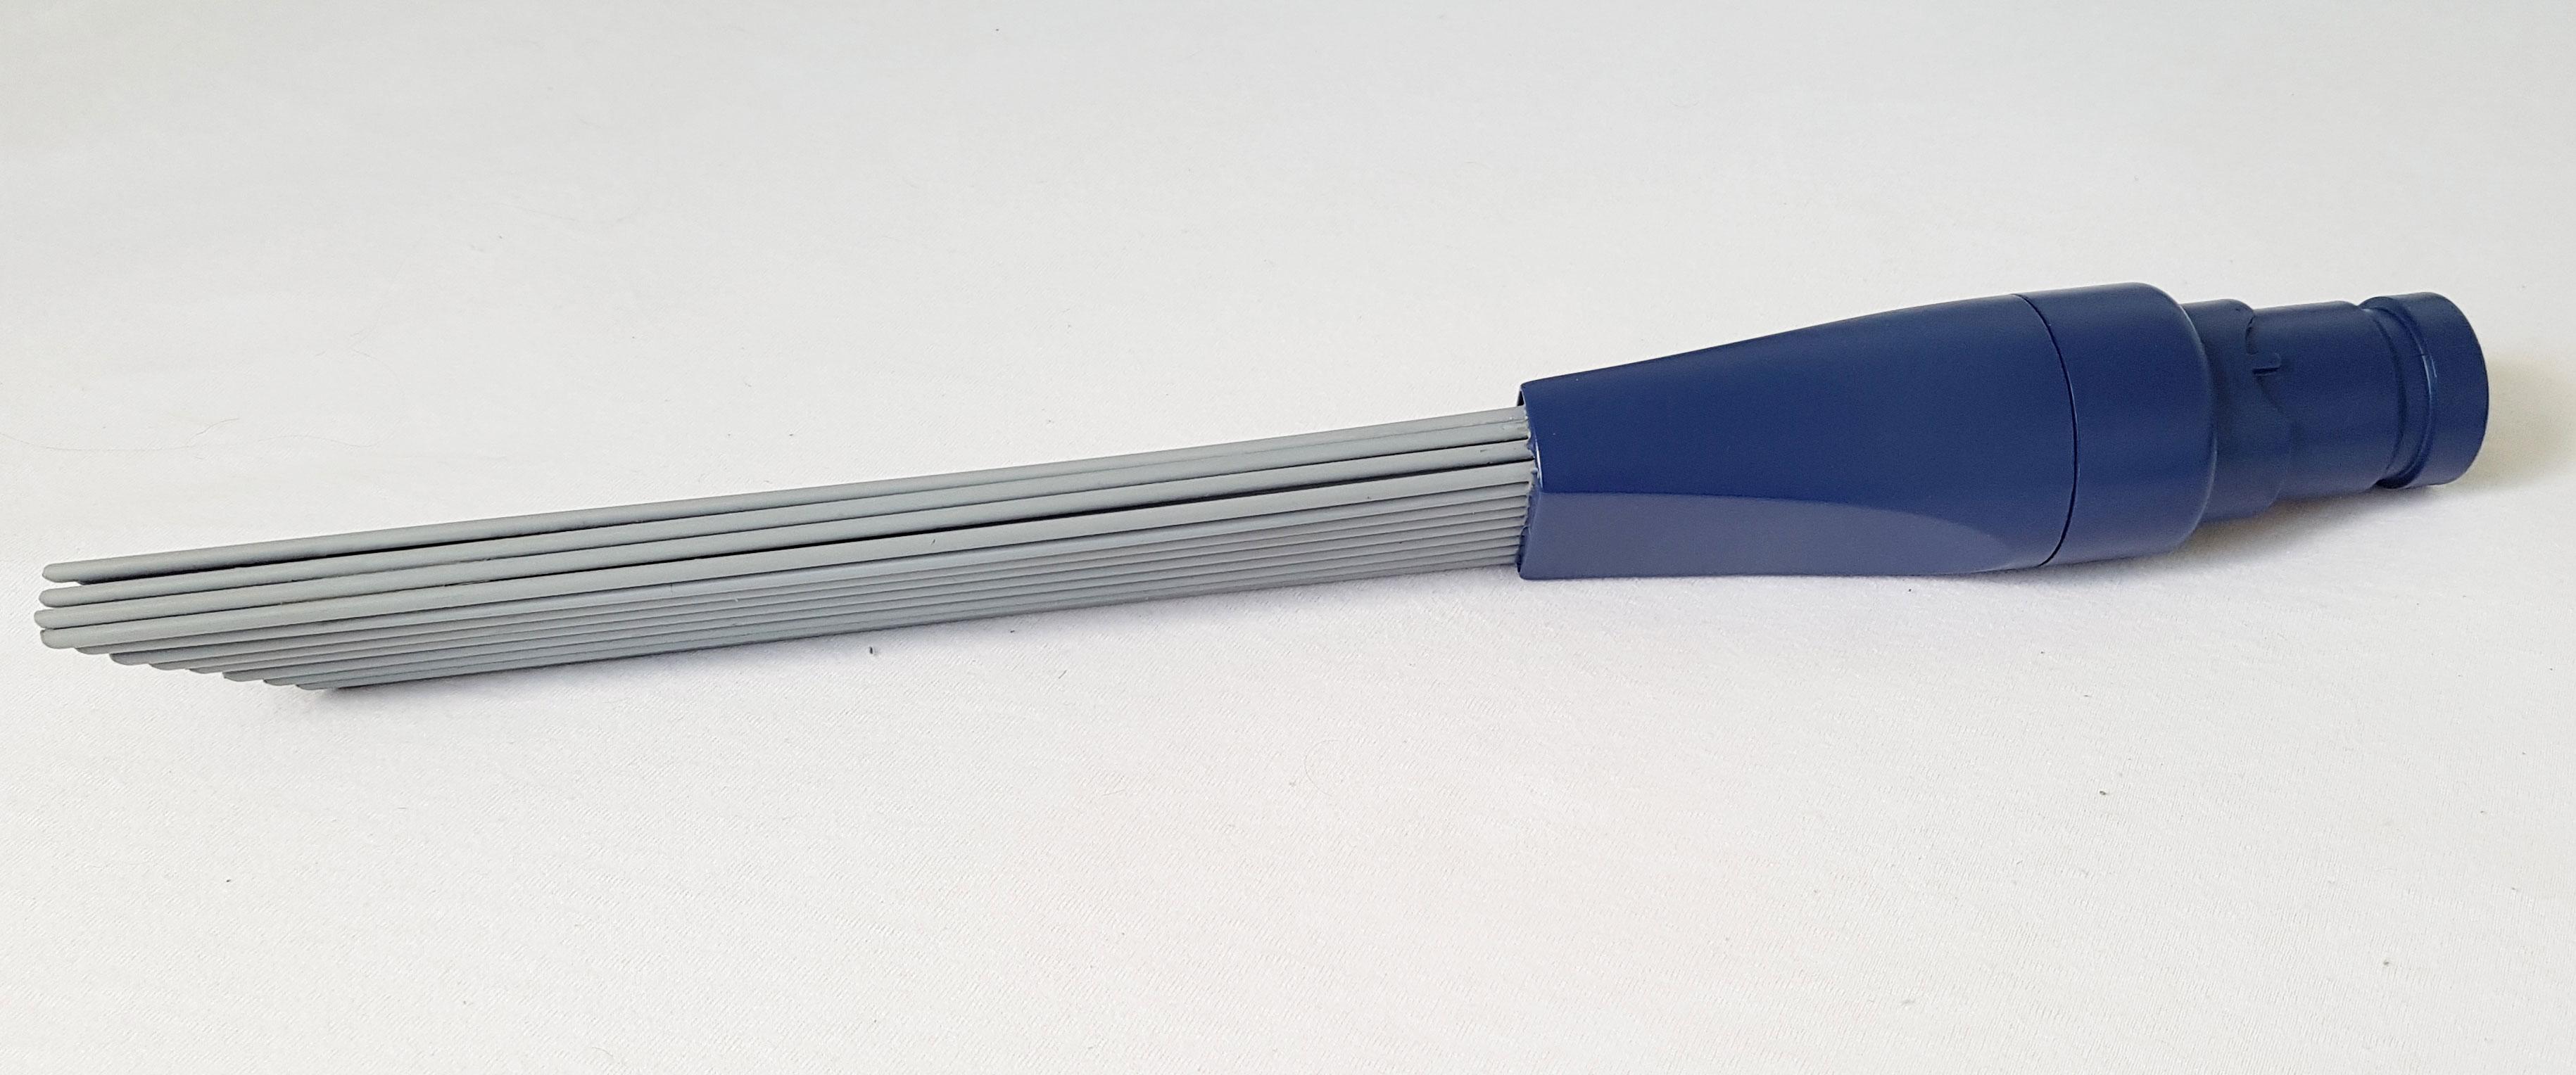 Dusty-Brush Staubsauger Adapter für Dyson V8 Bodenstaubsauger Bild 3